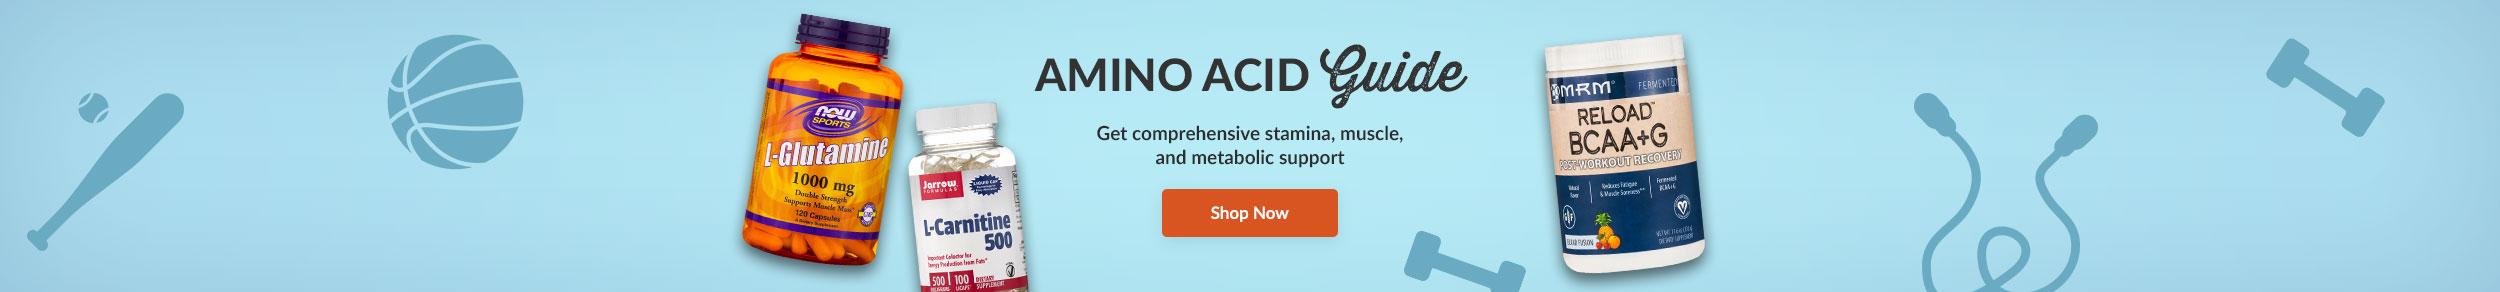 https://i3.pureformulas.net/images/static/Fitness_Amino_Acid_Guide_Store-Slide_121018.jpg